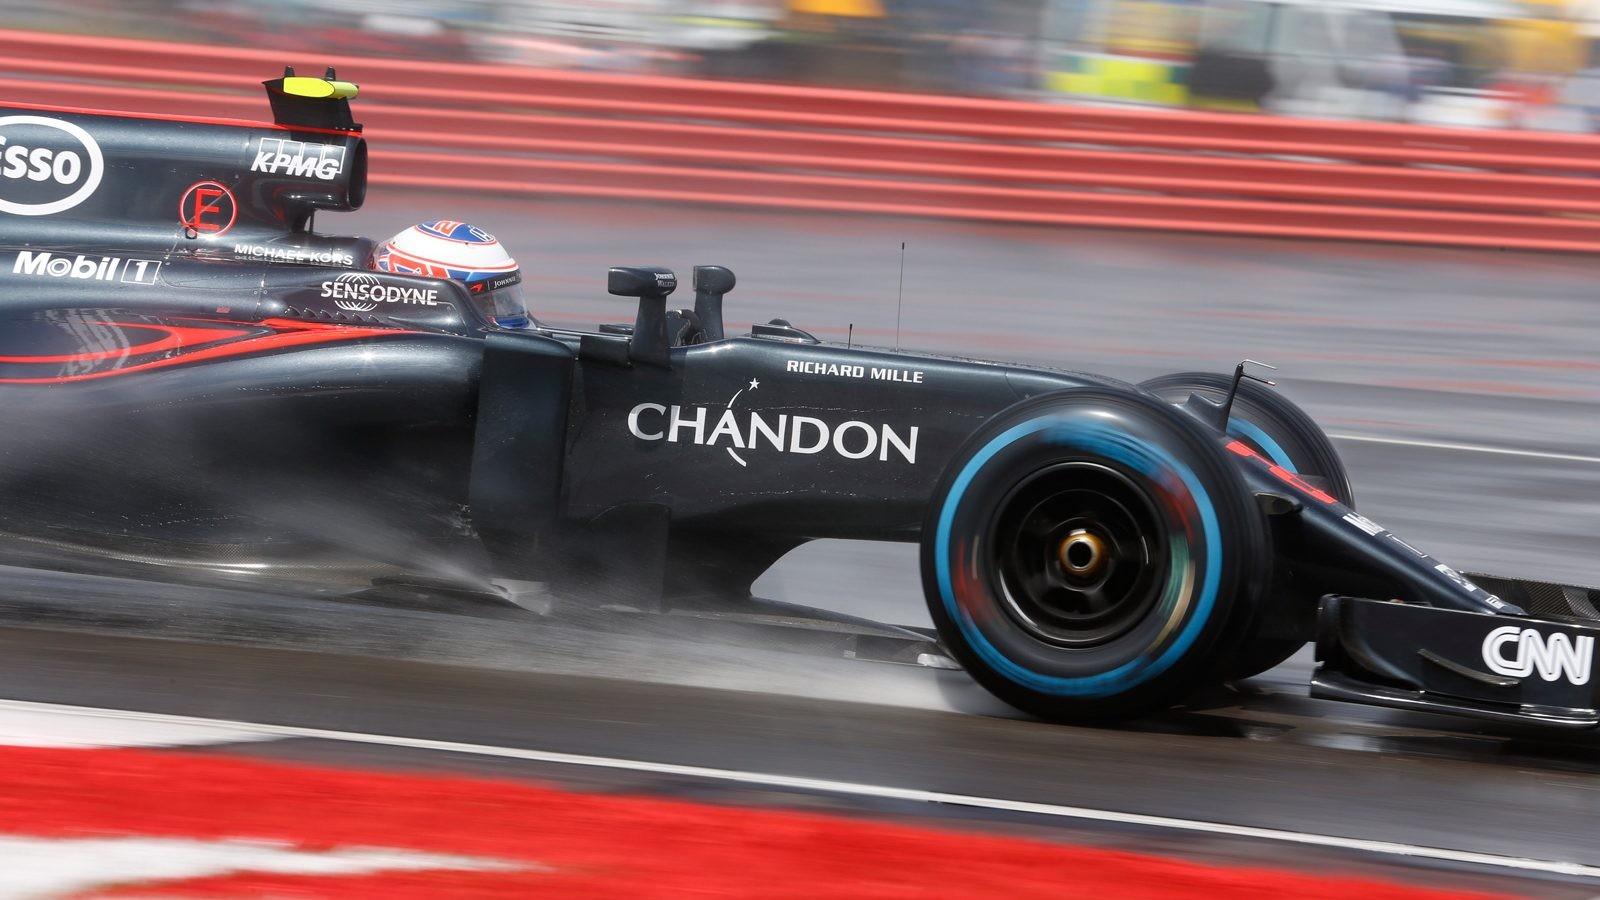 Алонсо и Баттон надеются на хорошие результаты в Гран-при Венгрии